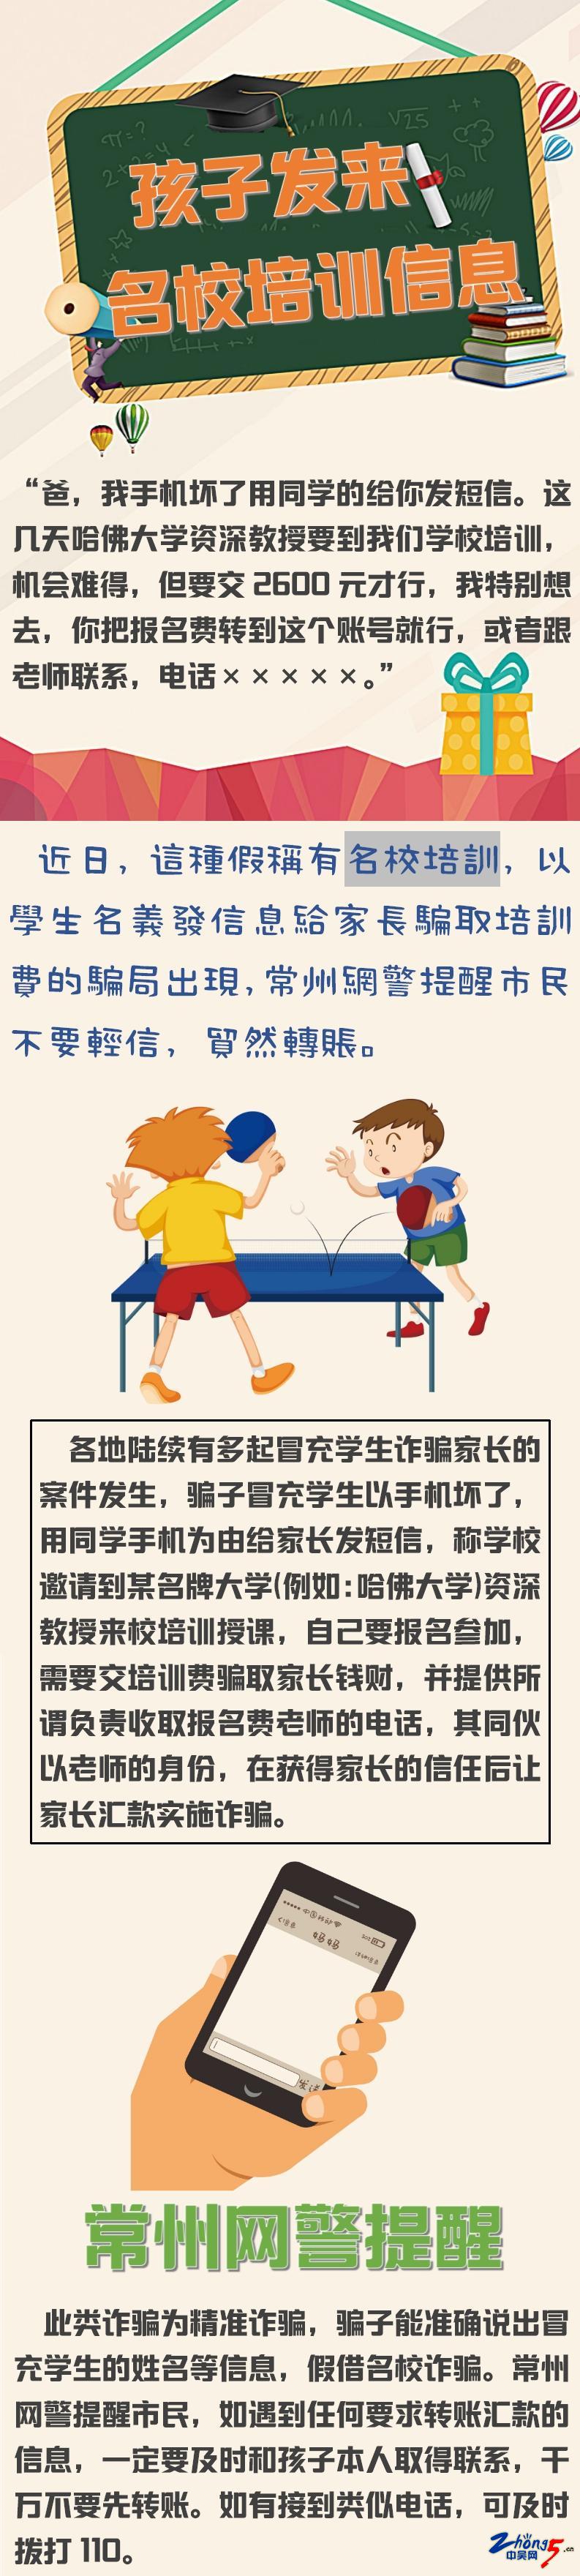 【孩子发来名校培训信息 这是新骗局! 】.jpg